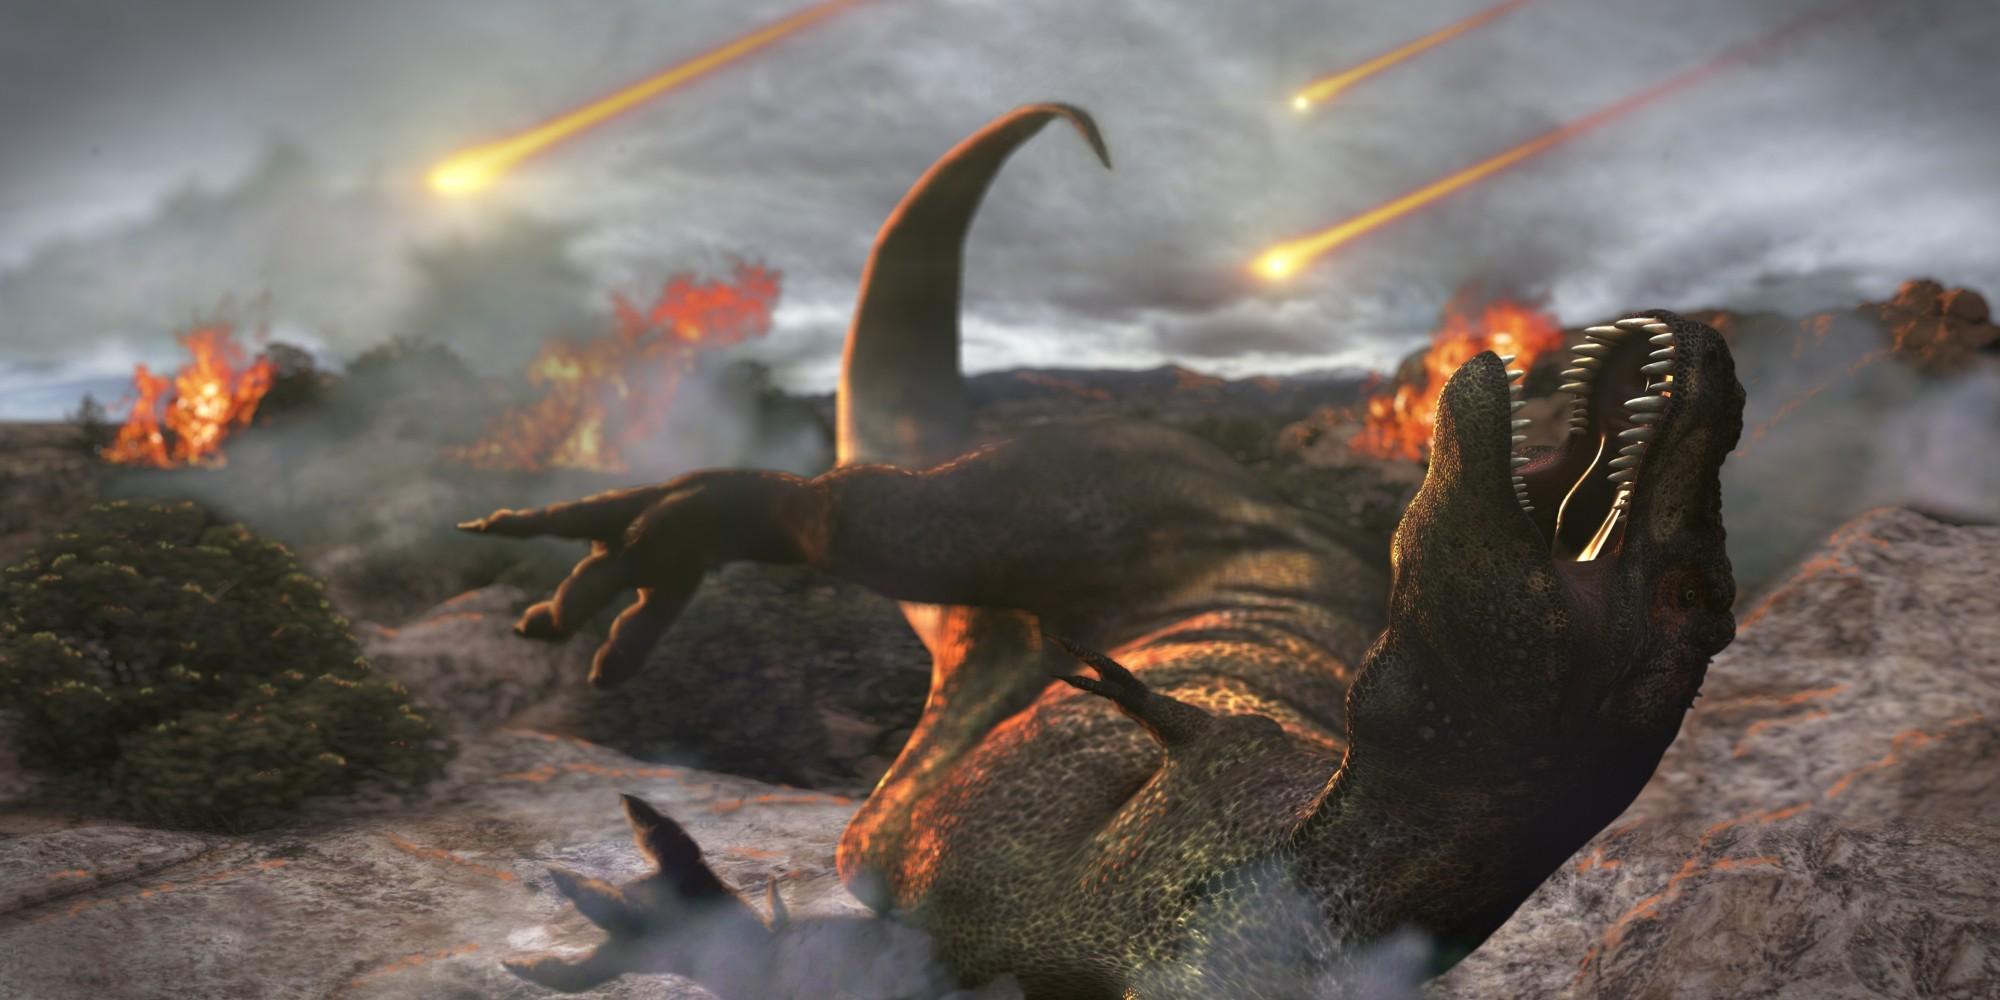 İşte Milyonlarca Yıl Önce Dinozorları ve Dünya'nın Yarısını Yok Eden Meteor